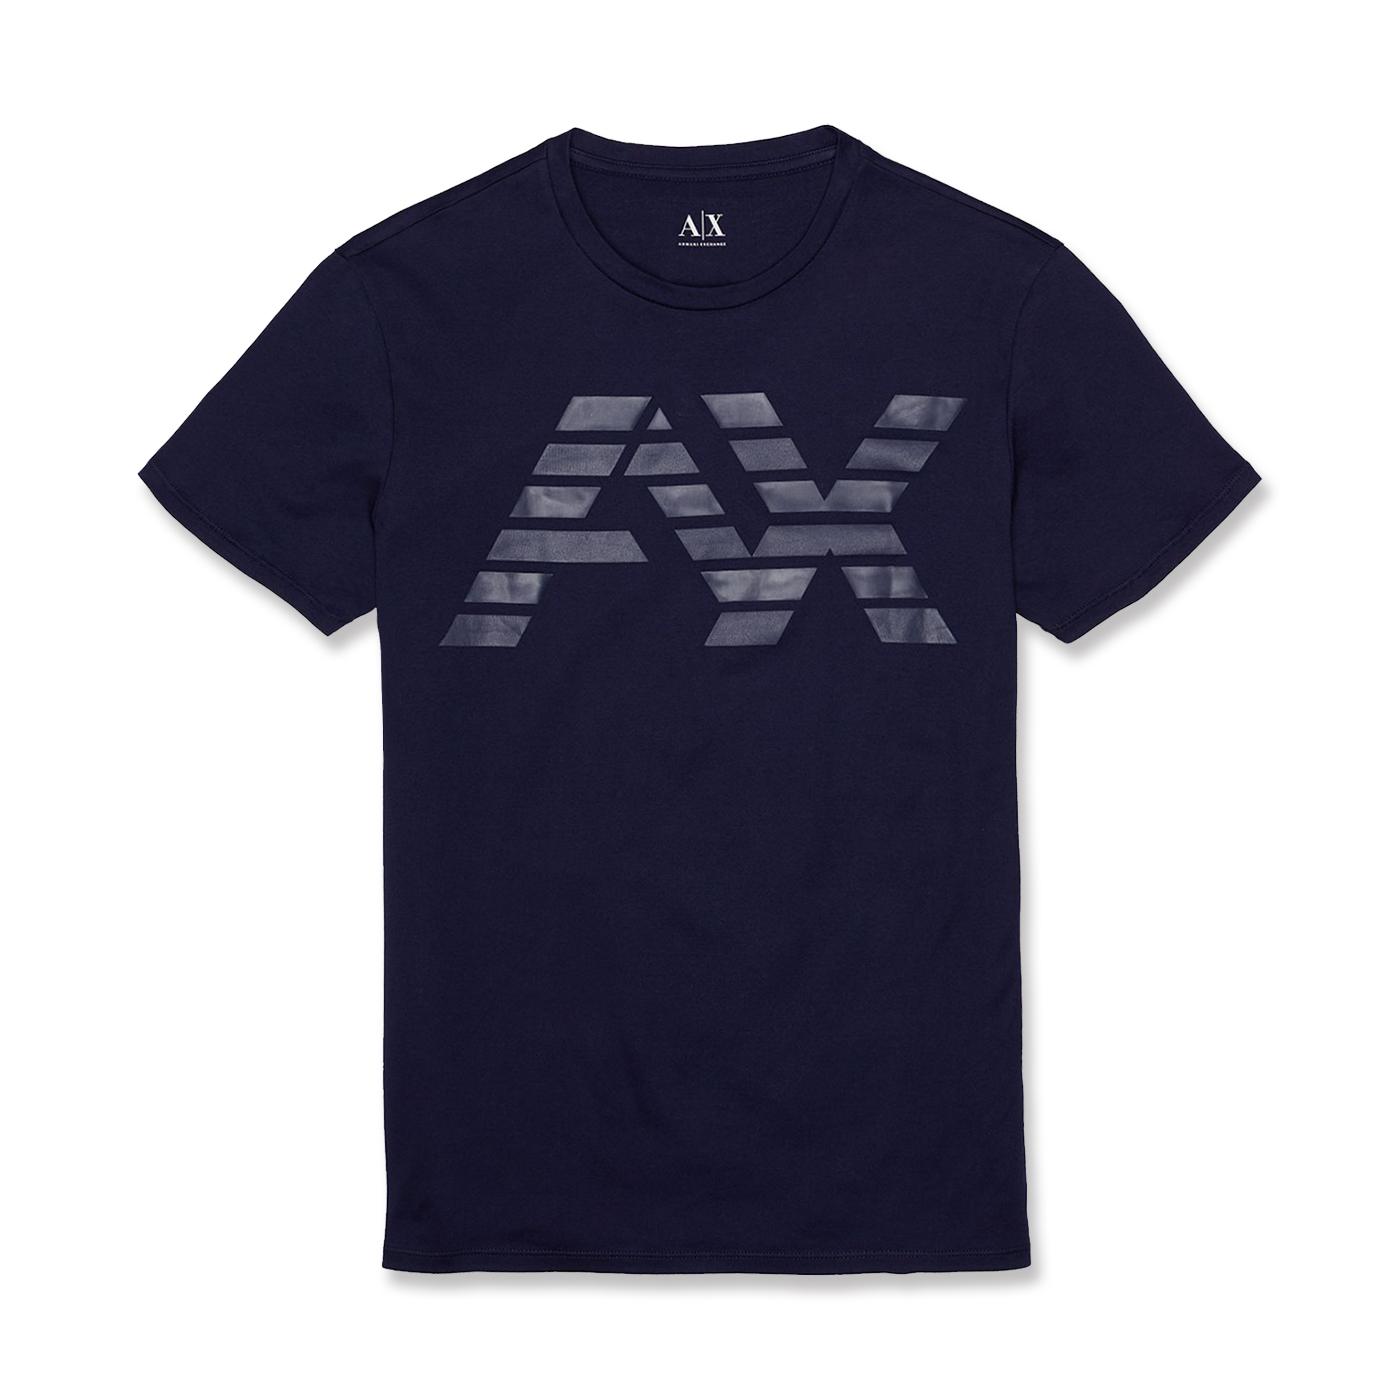 美國百分百【Armani Exchange】T恤 AX 短袖 logo 上衣 T-shirt 分割 S號 深藍 G005